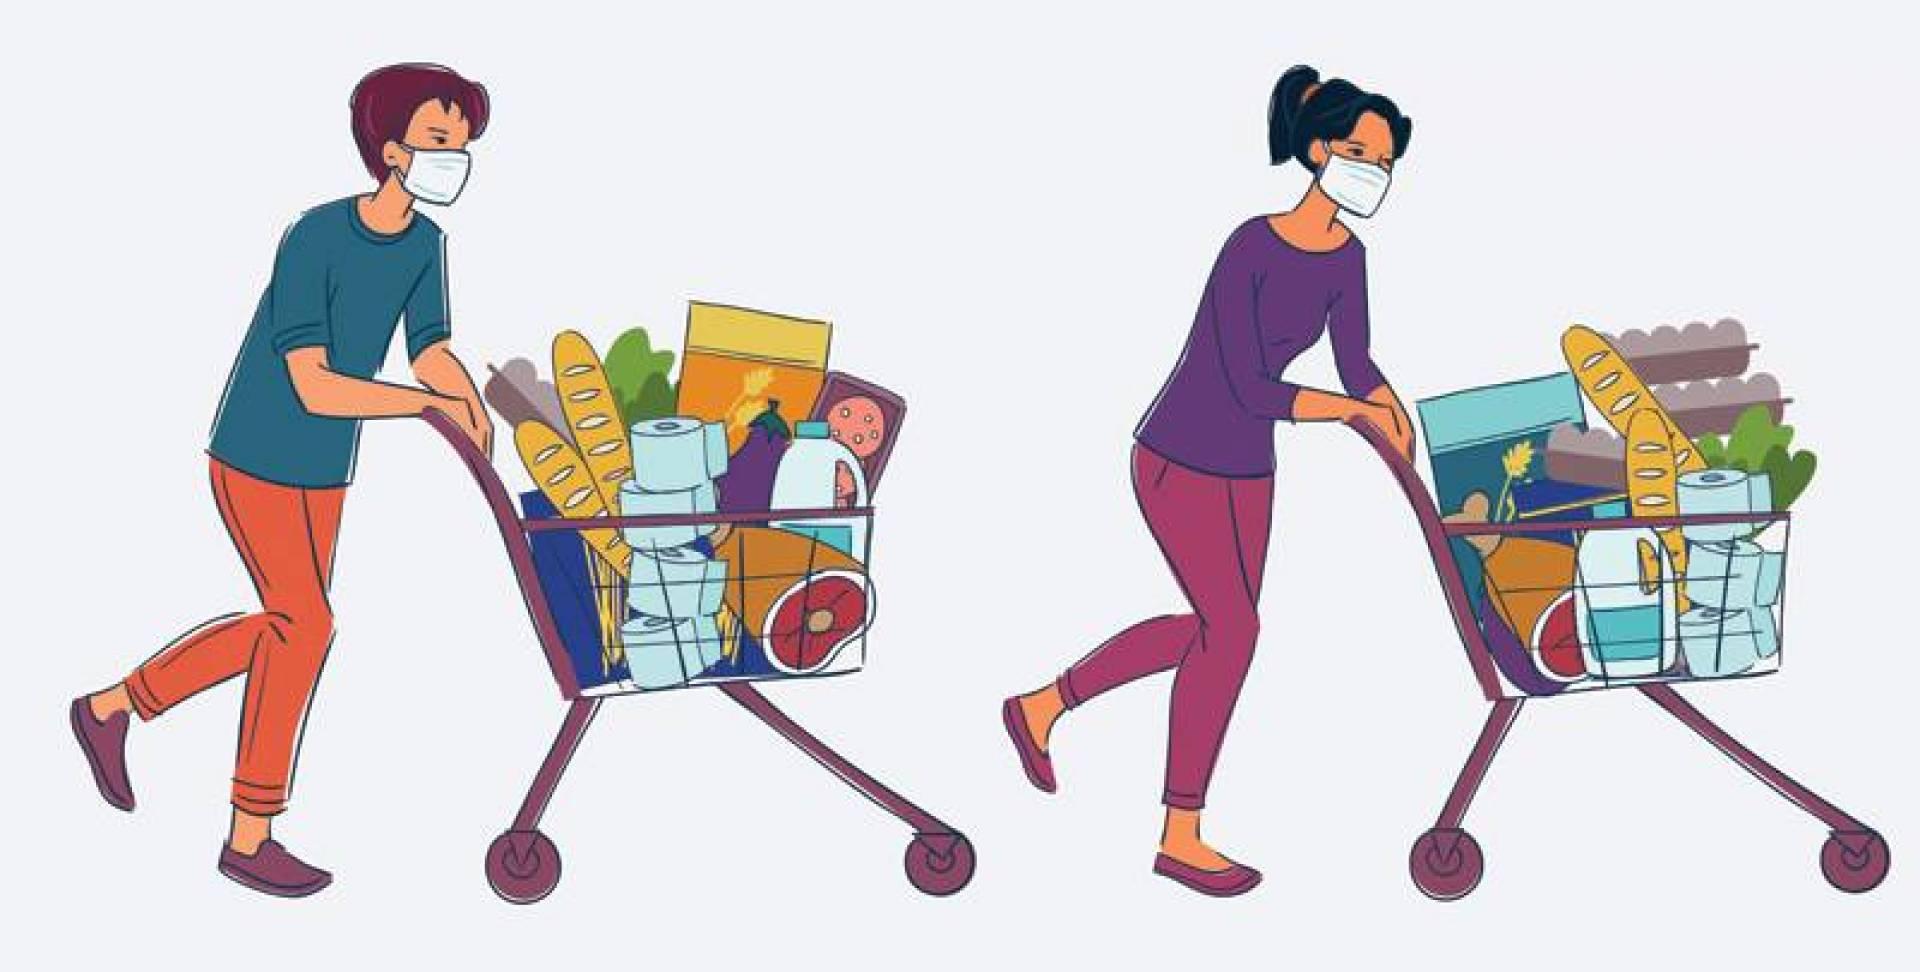 7 خطوات للتسوق بأمان وتقليل فرص الإصابة بـ«كورونا»